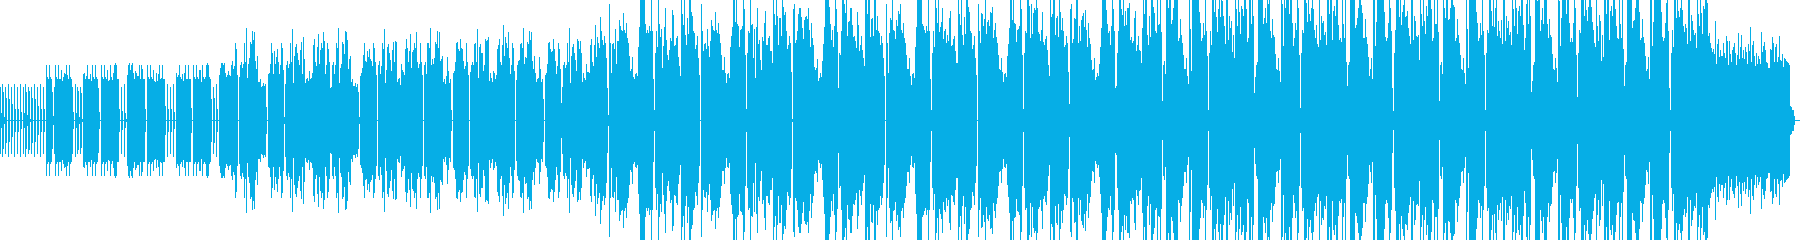 コミカルな1分間ゲームミュージックテクノの再生済みの波形